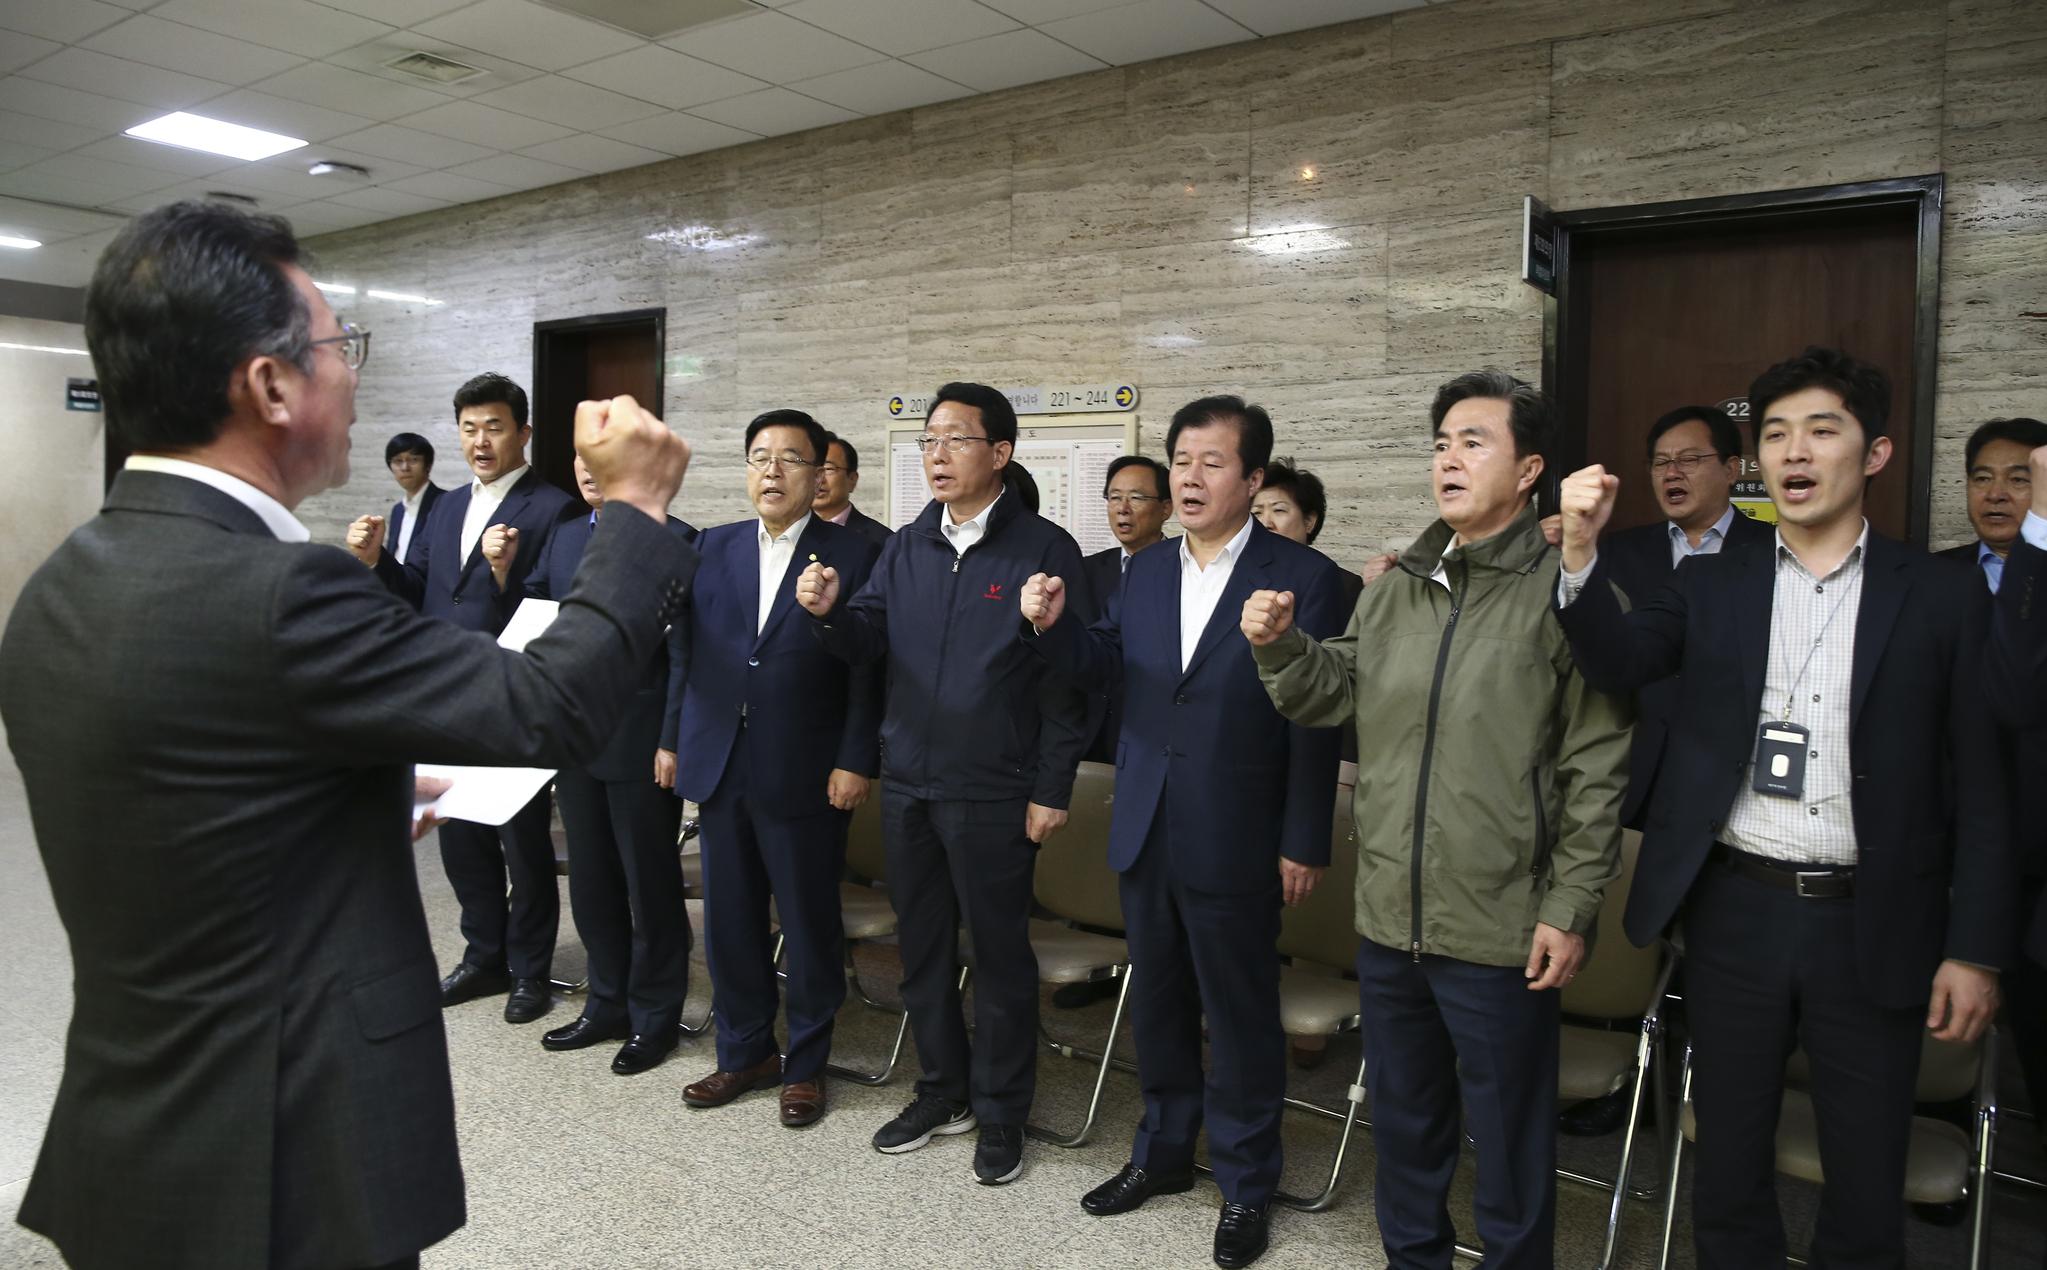 자유한국당 의원과 관계자들이 25일 본청 특위 회의실(220호) 앞에서 구호를 외치고 있다 . 임현동 기자